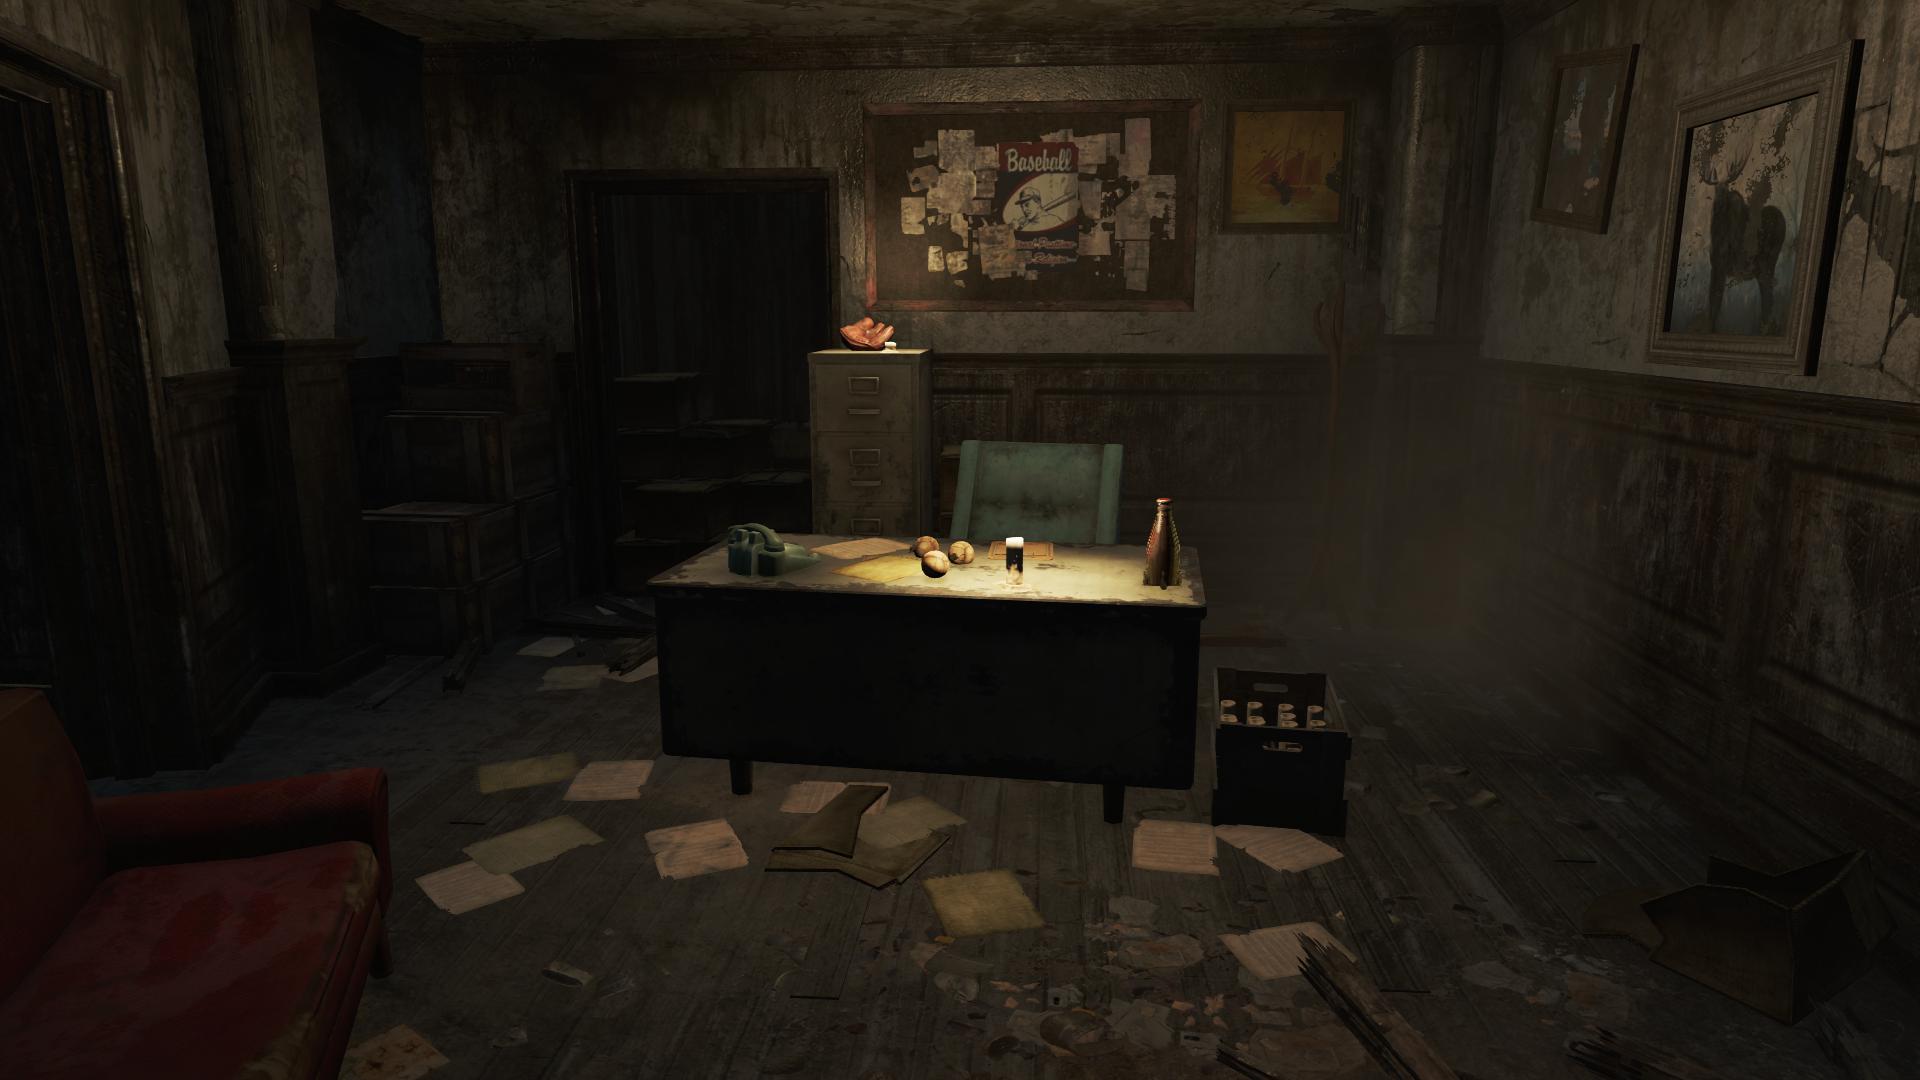 Prost bar office desk